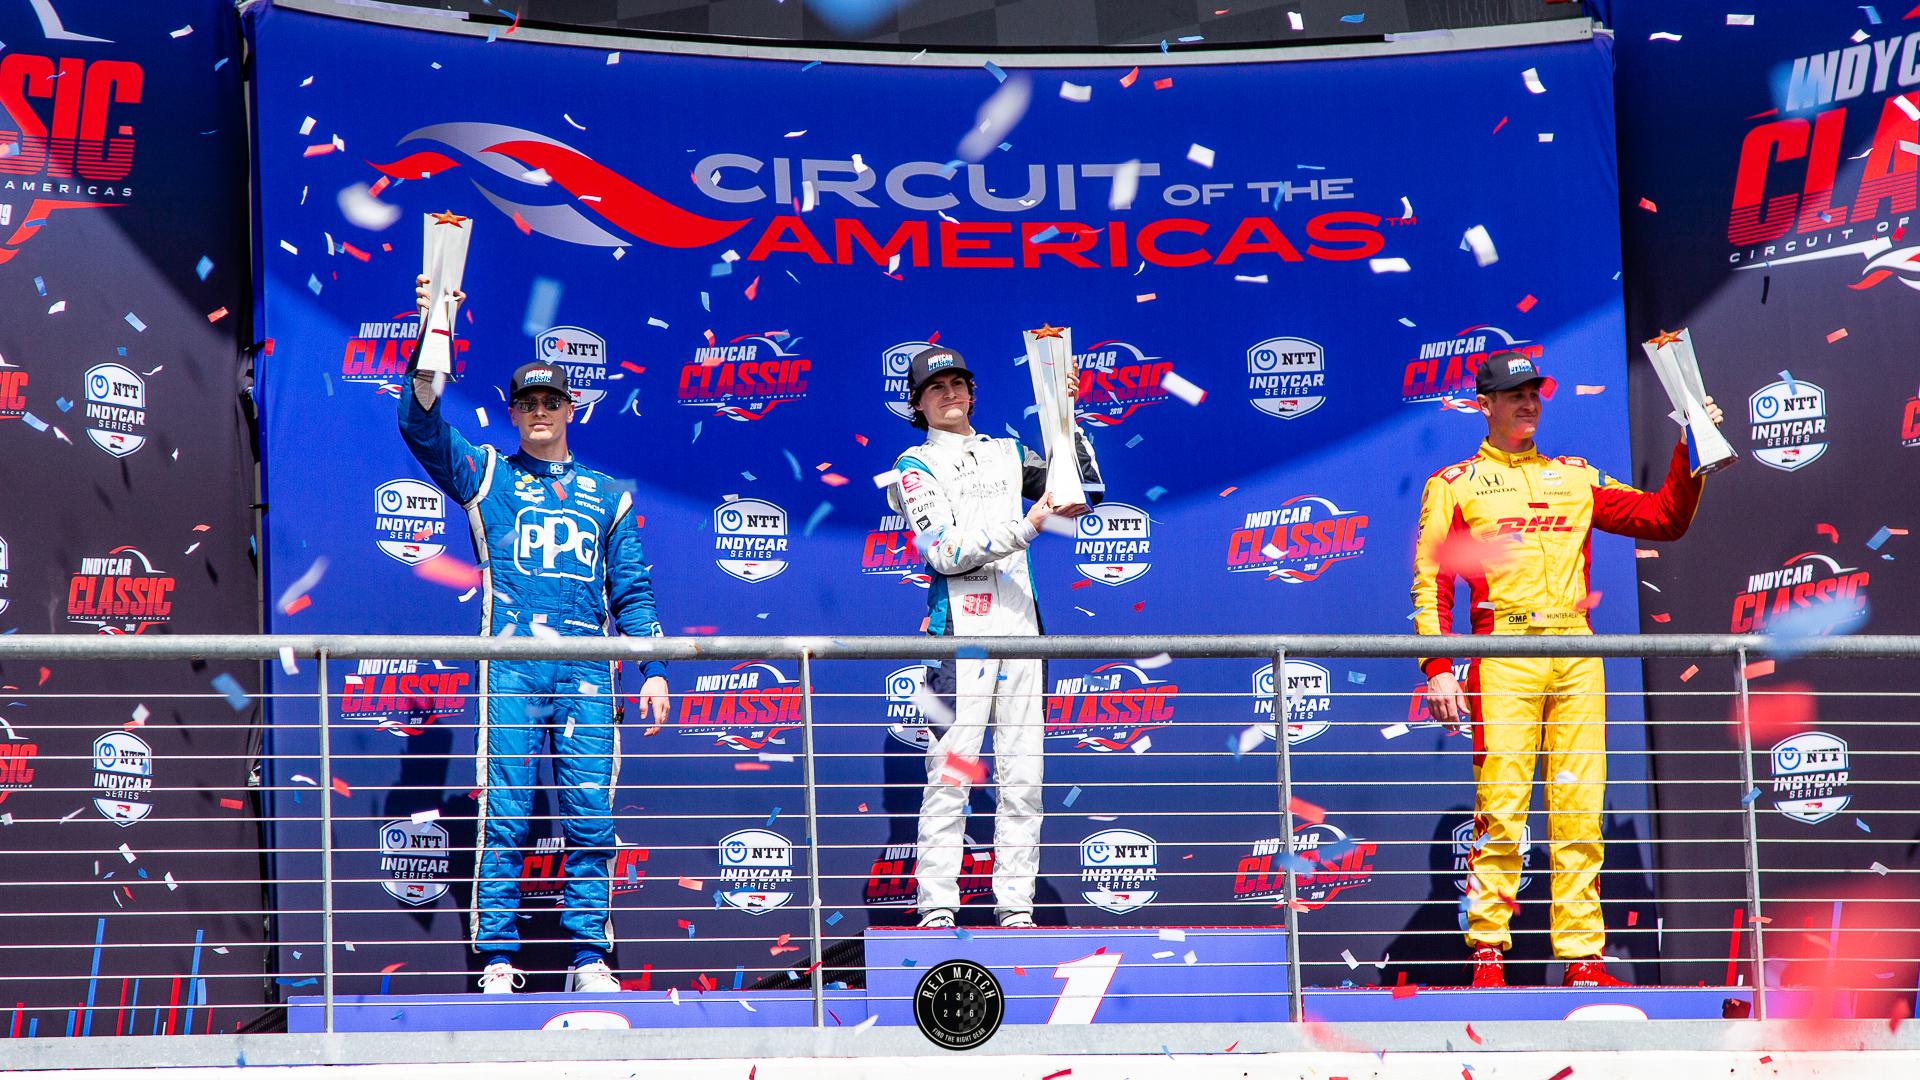 IndyCar-Classic-COTA-2019-Rev-Match-Media-226.jpg